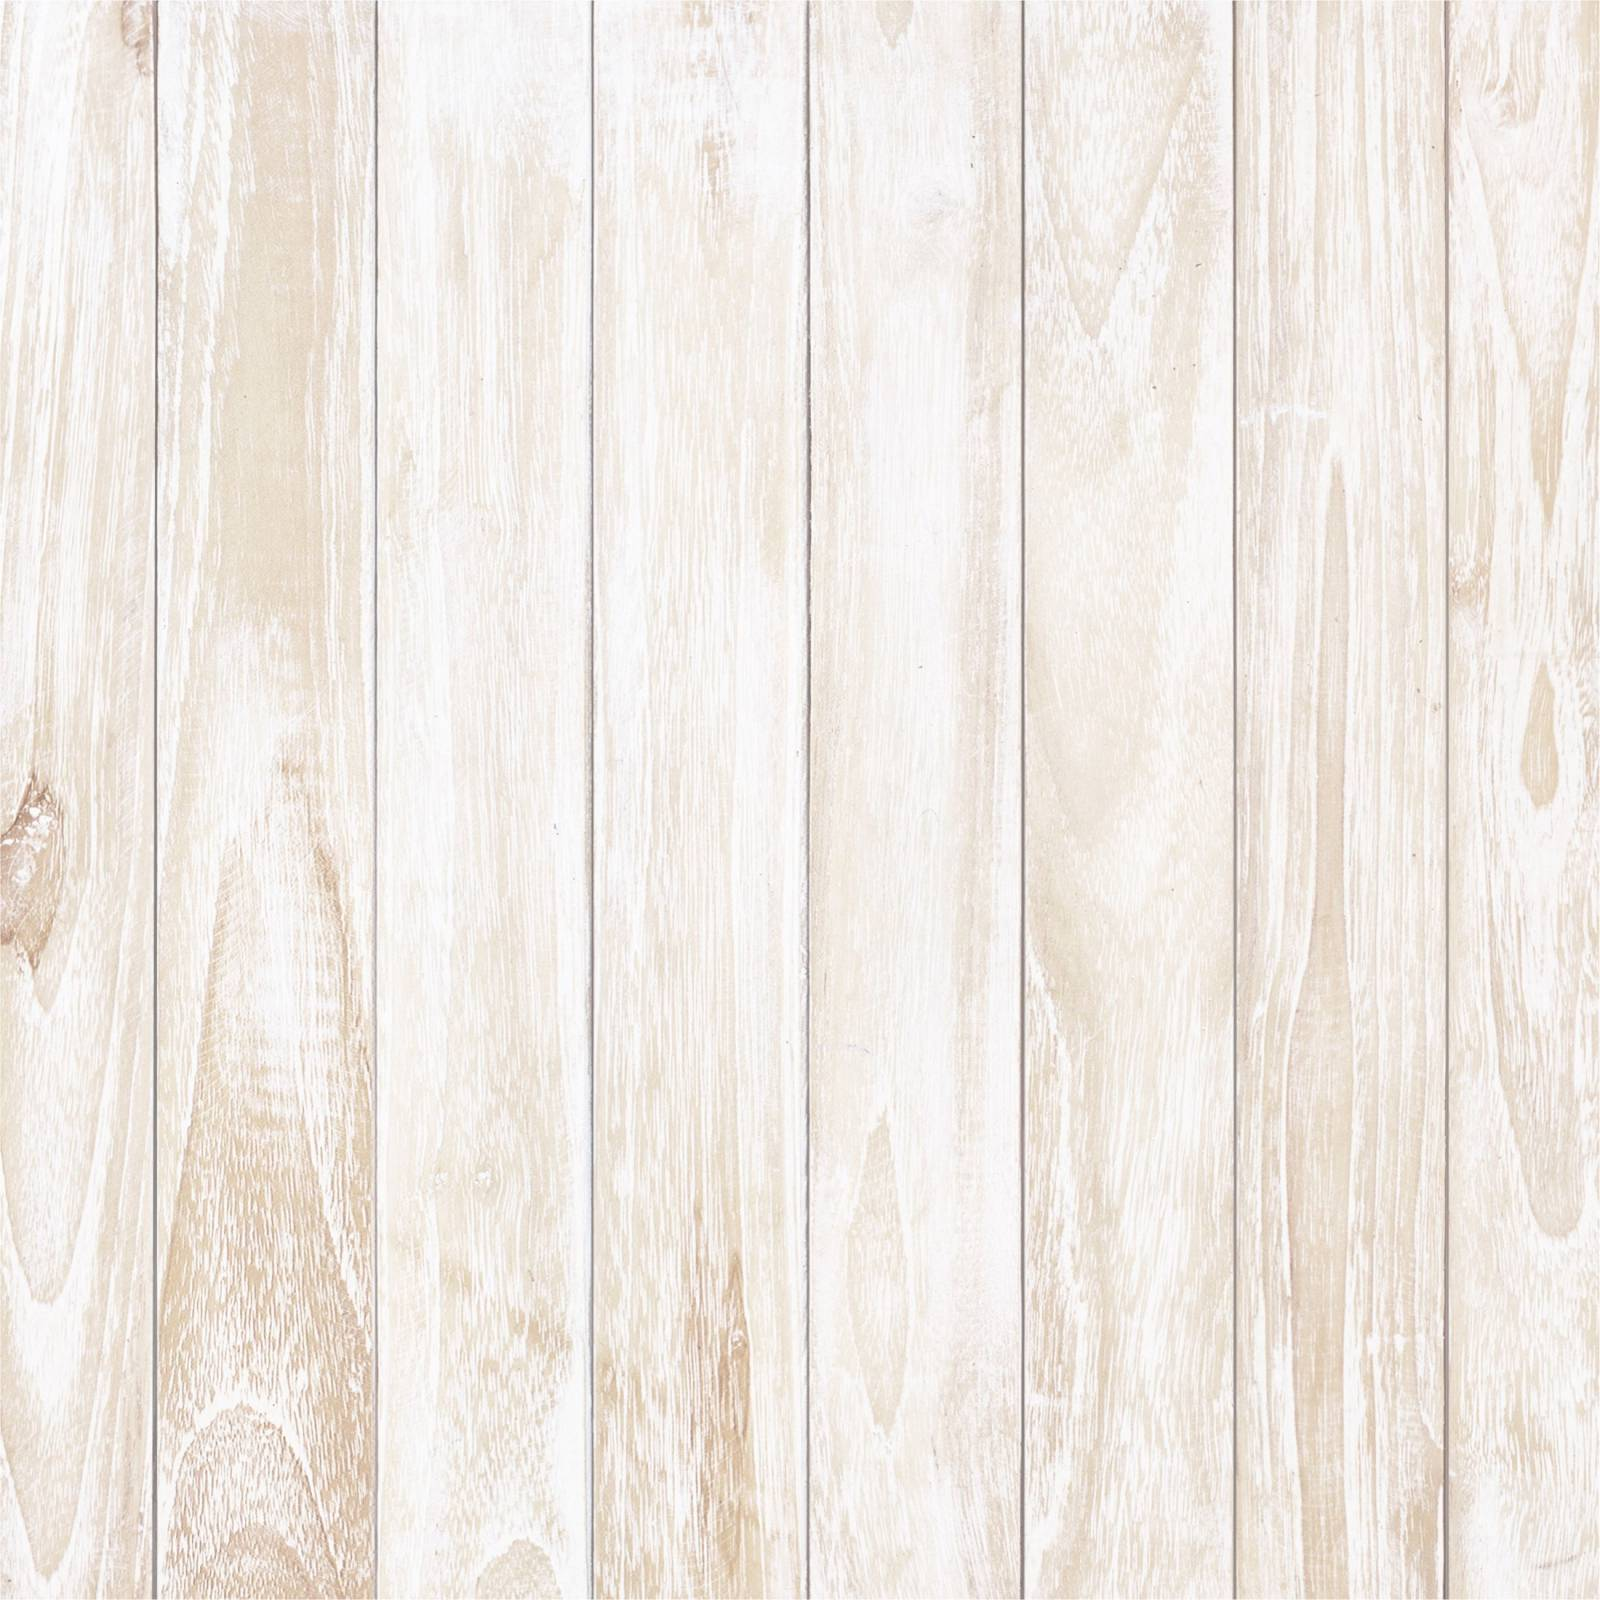 Papel de parede adesivo madeira clara redecorei for Papel de pared madera